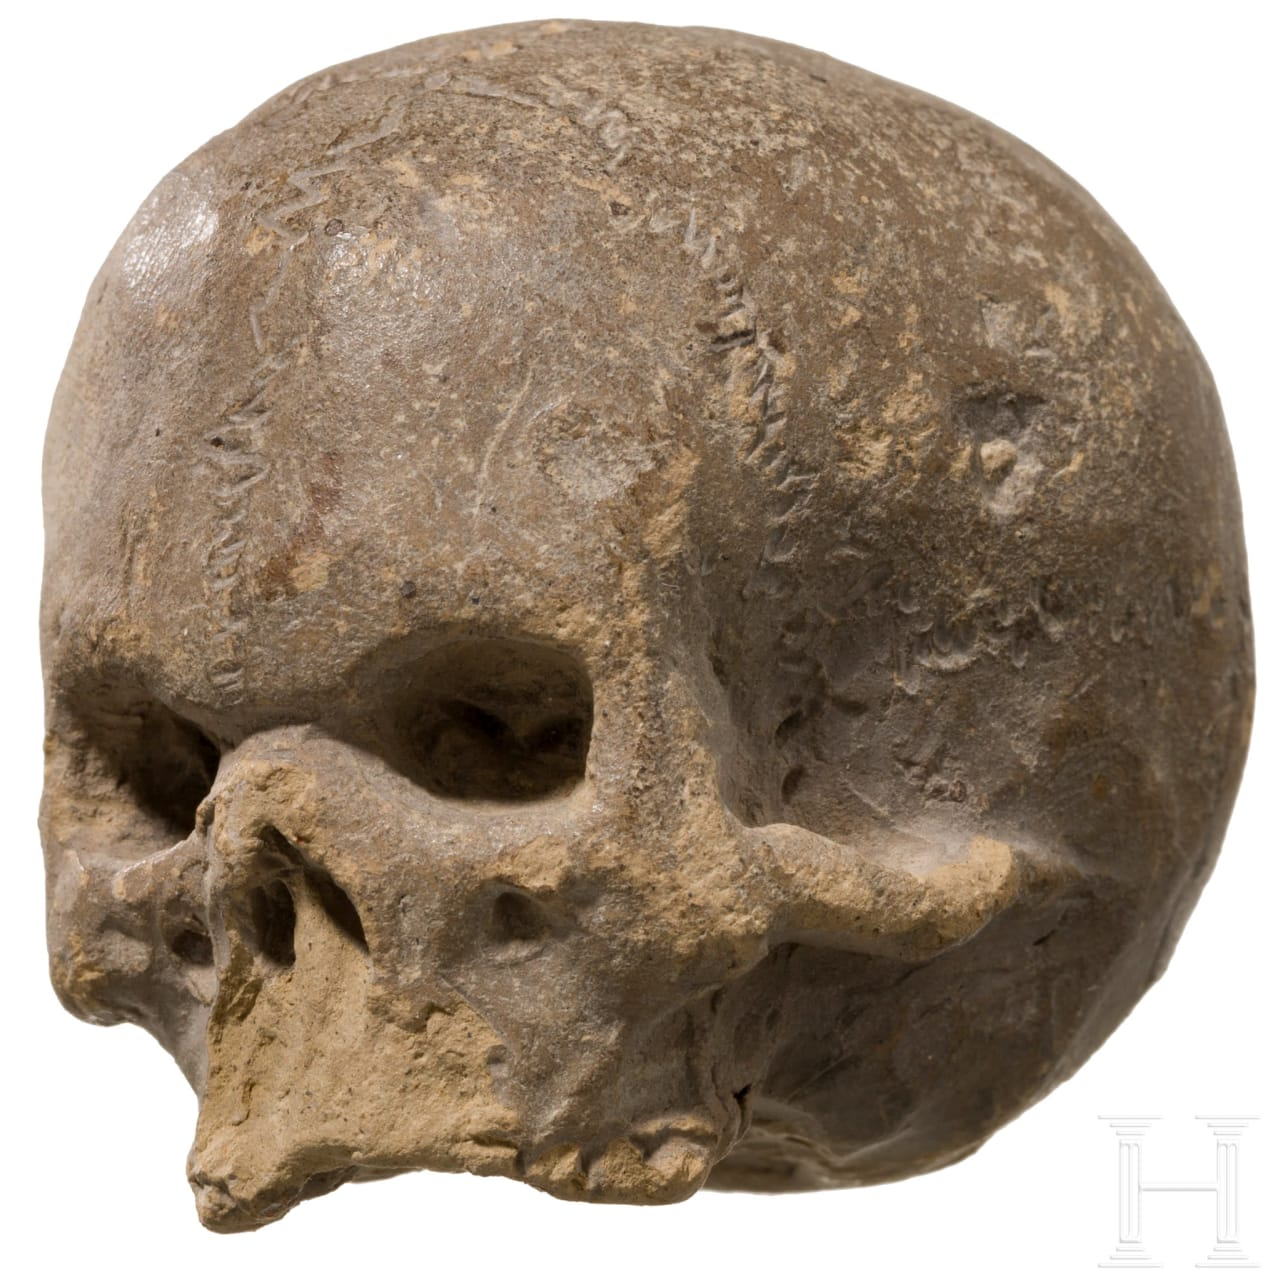 Aussergewöhnlicher Bozetto in Form eines Memento Mori-Schädels, Italien, wohl 17. Jhdt.